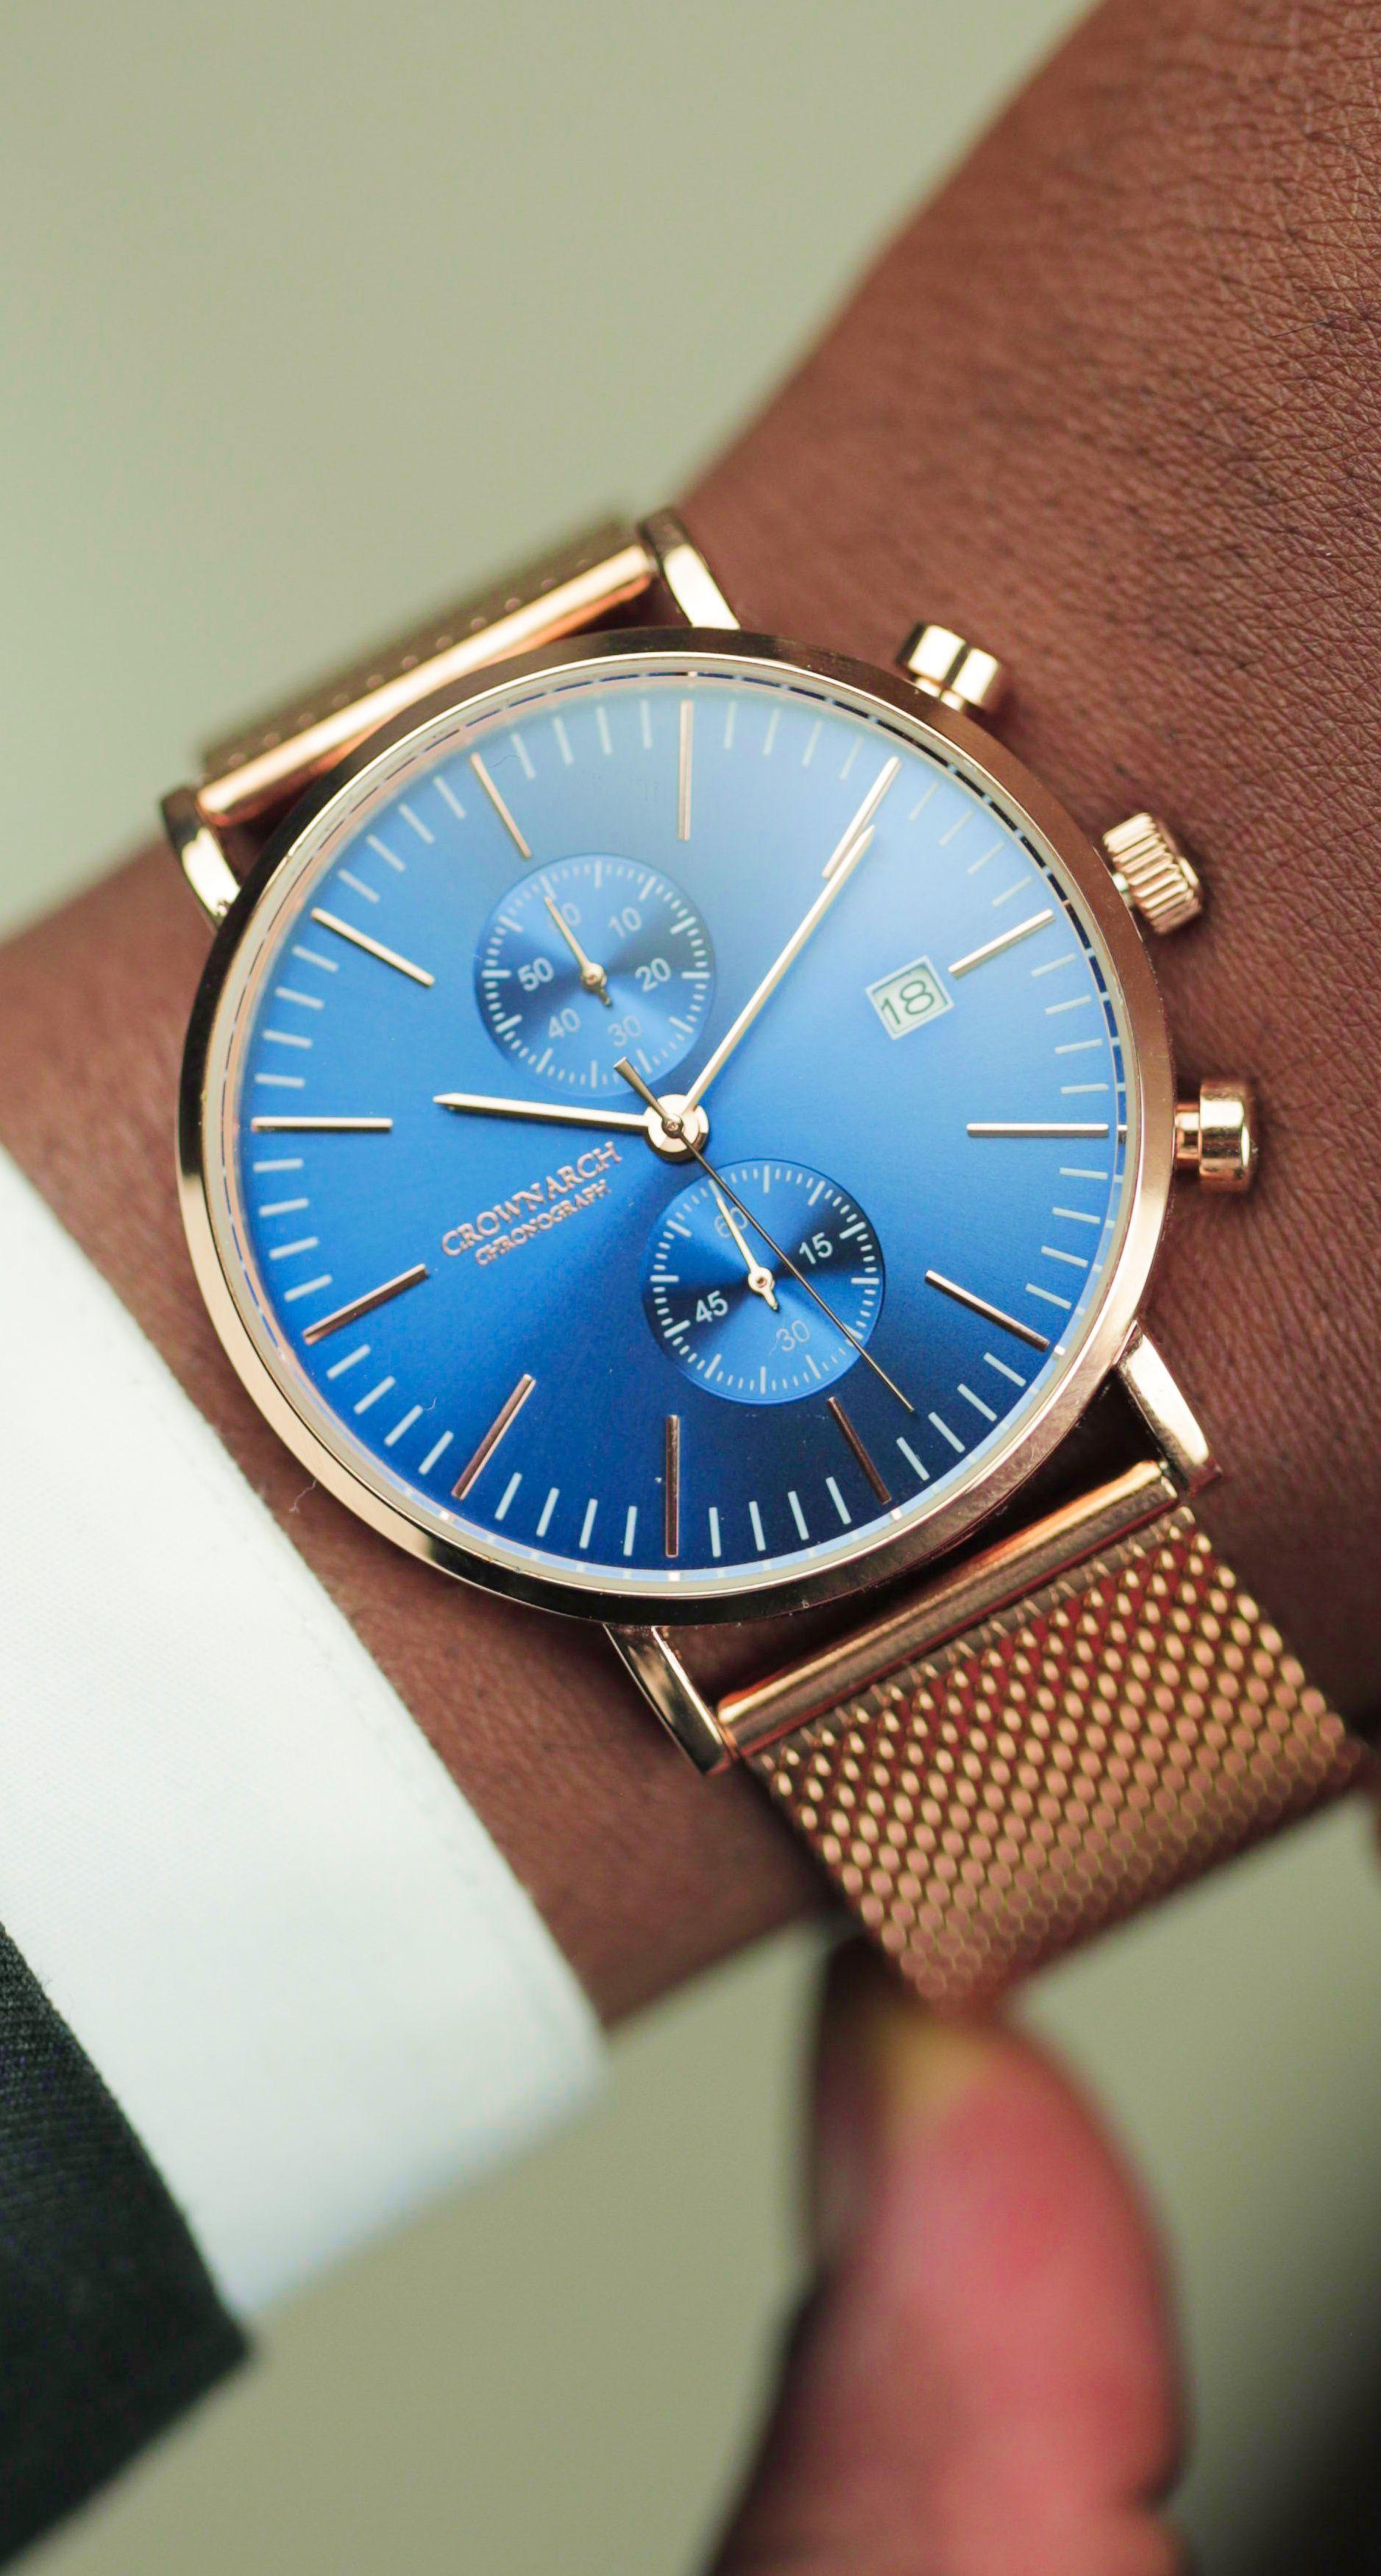 Relojes De Mujer Reloj De Hombre Reloj De Pulsera Hombre Relojes De Lujo Para Hombres